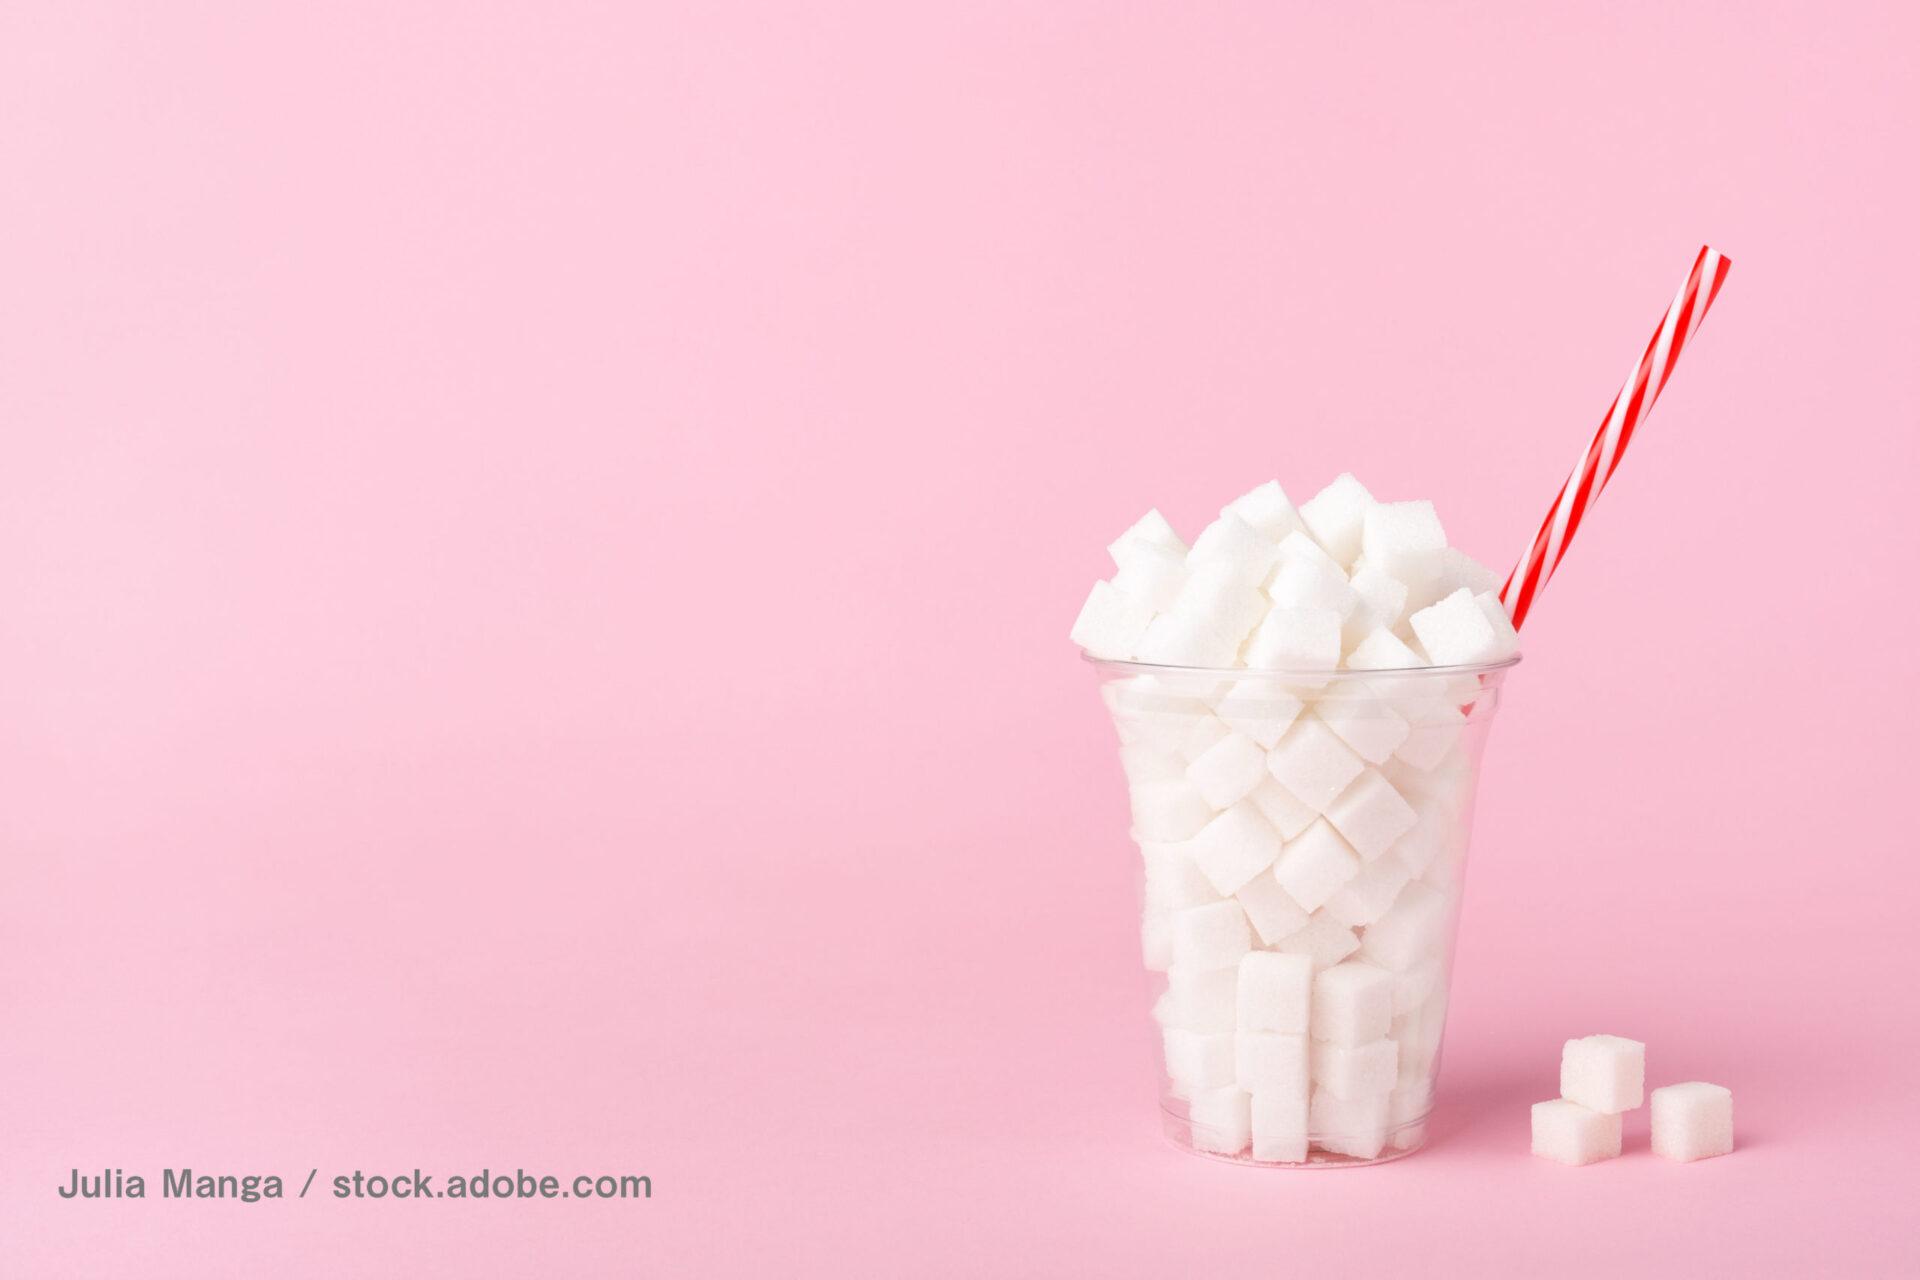 精子と卵子の質が下がる本当の原因|砂糖入り清涼飲料水は絶対ダメ!